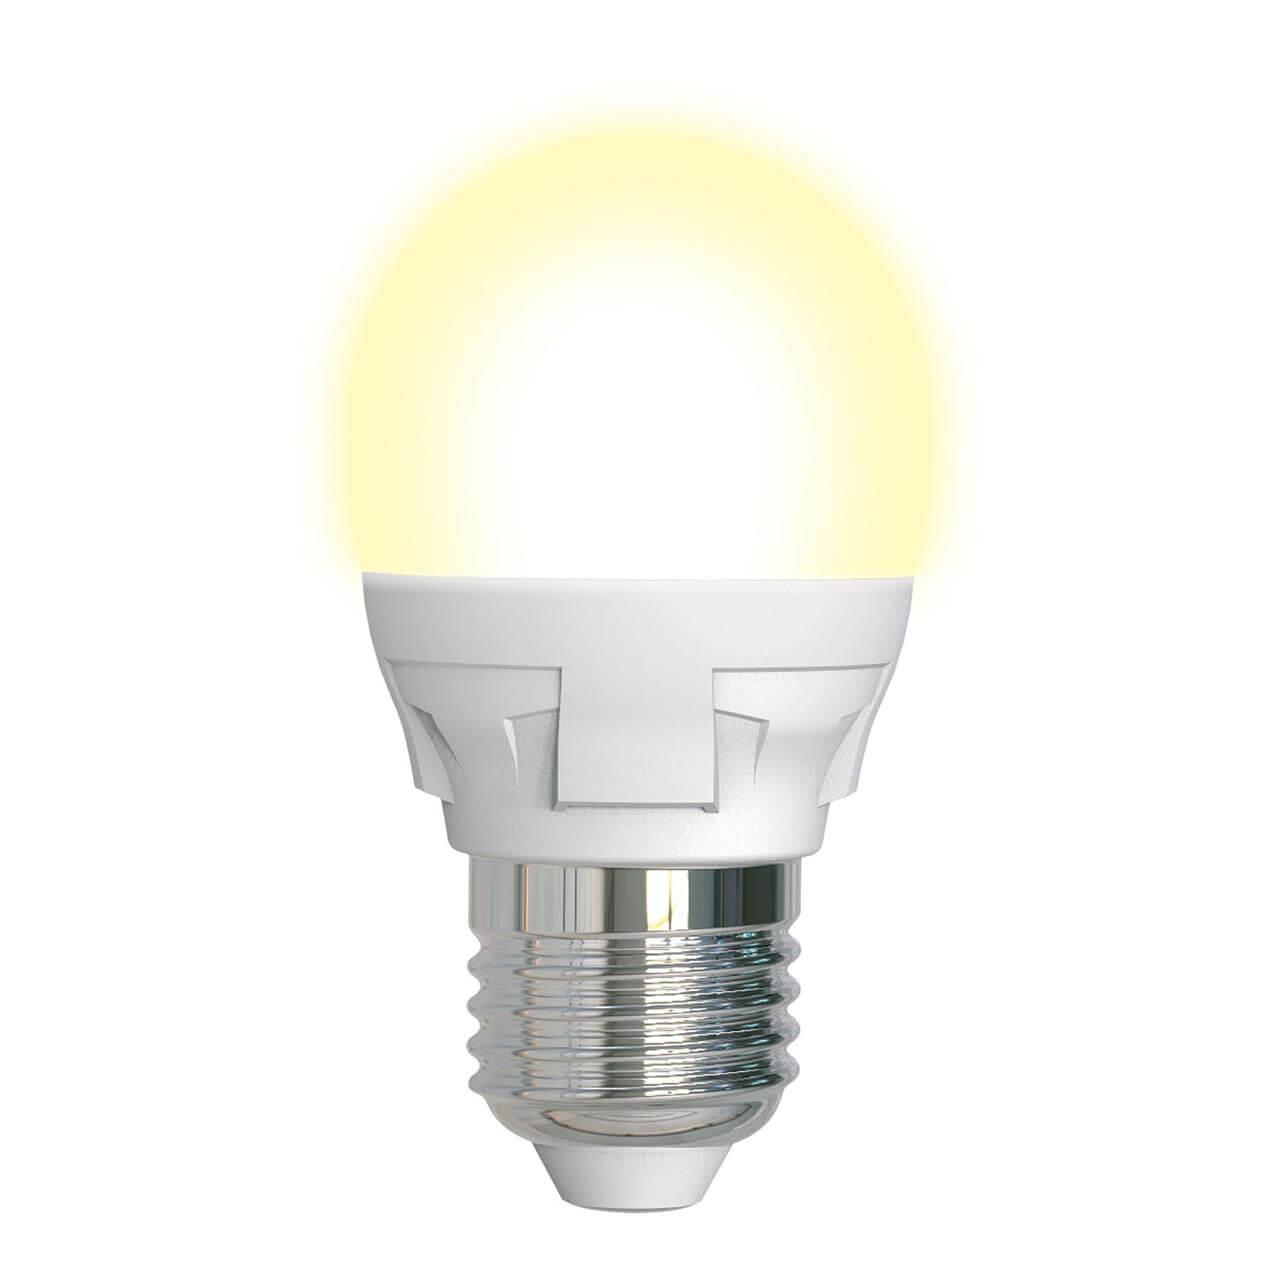 Лампа светодиодная диммируемая (UL-00004303) Uniel E27 7W 3000K матовая LED-G45 7W/3000K/E27/FR/DIM PLP01WH цена